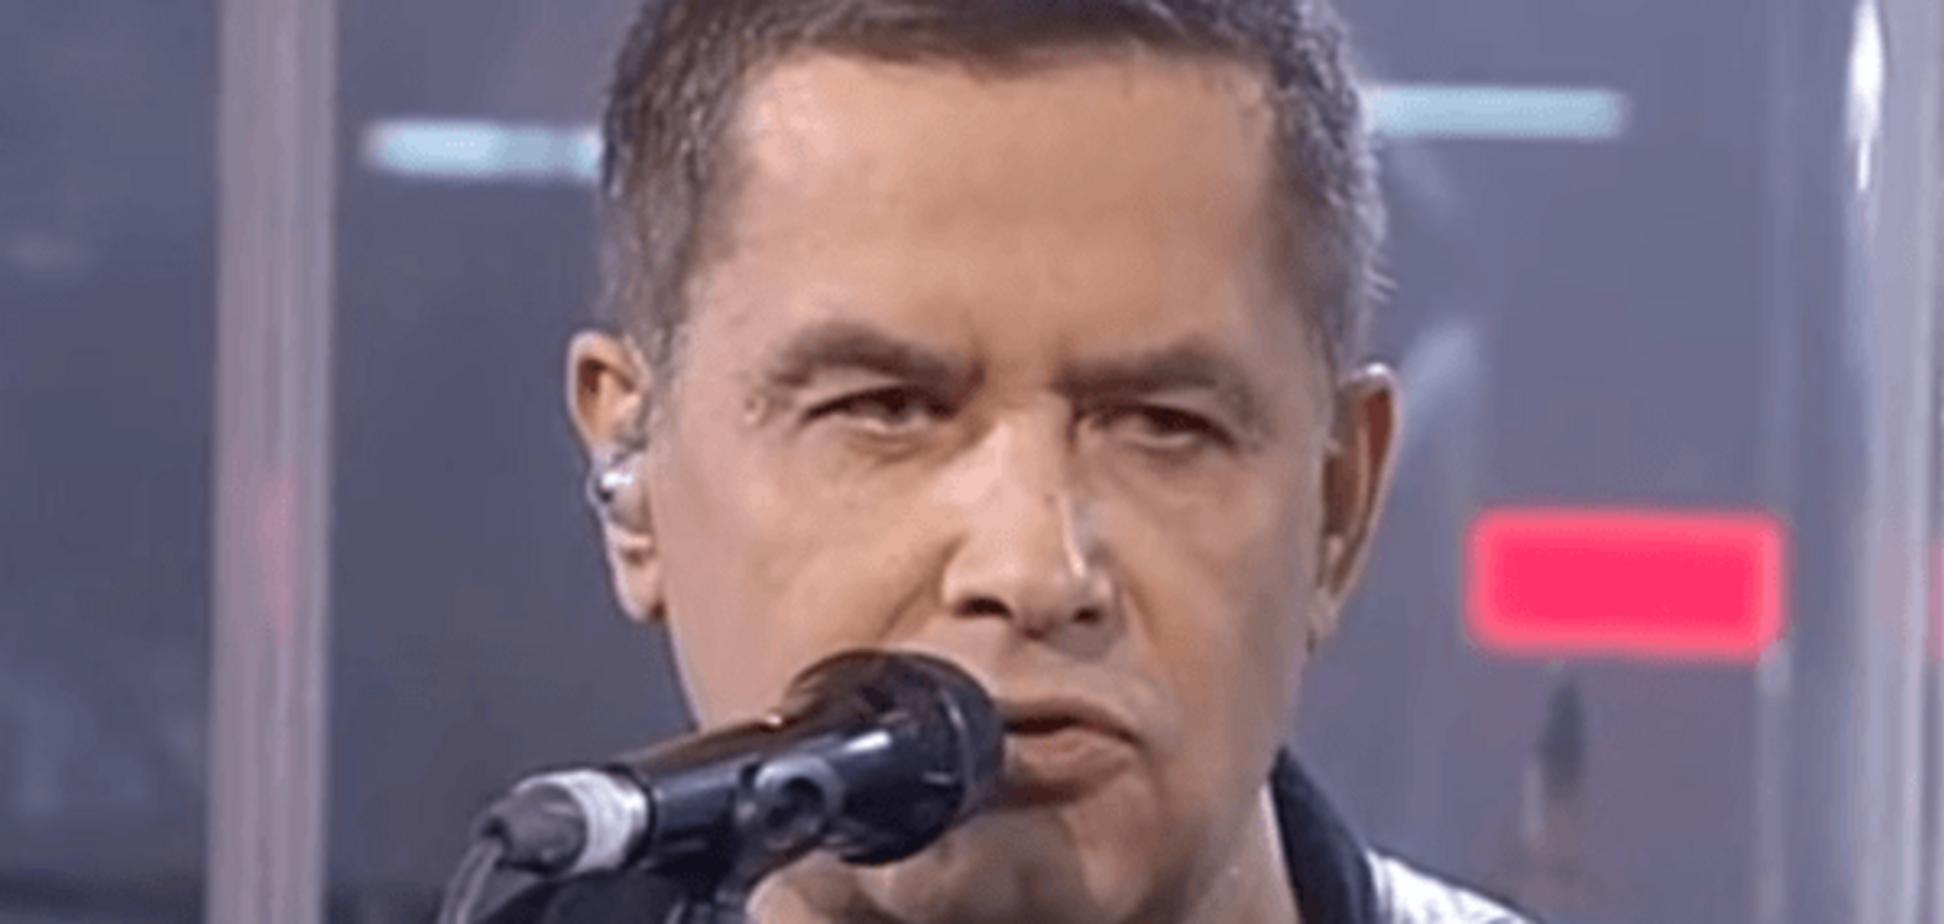 'Батяня-комбат' російської естради назвав Макаревича і Шевчука 'тупими': відеофакт